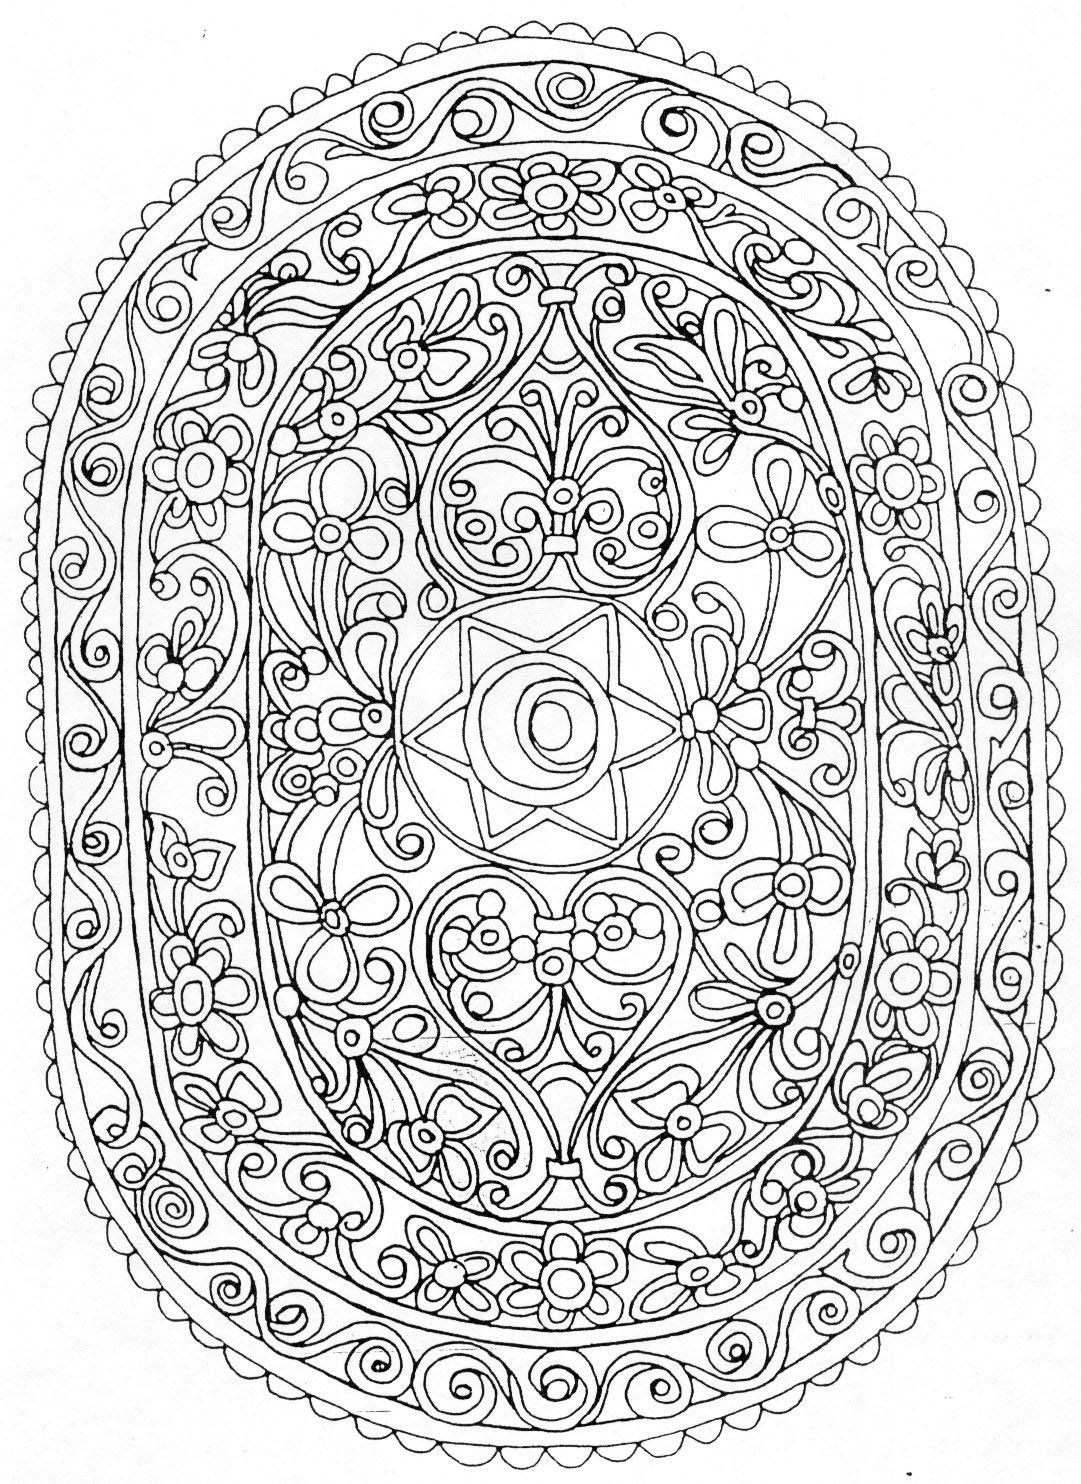 Peace sign mandala coloring pages - Dessins de mandala ...